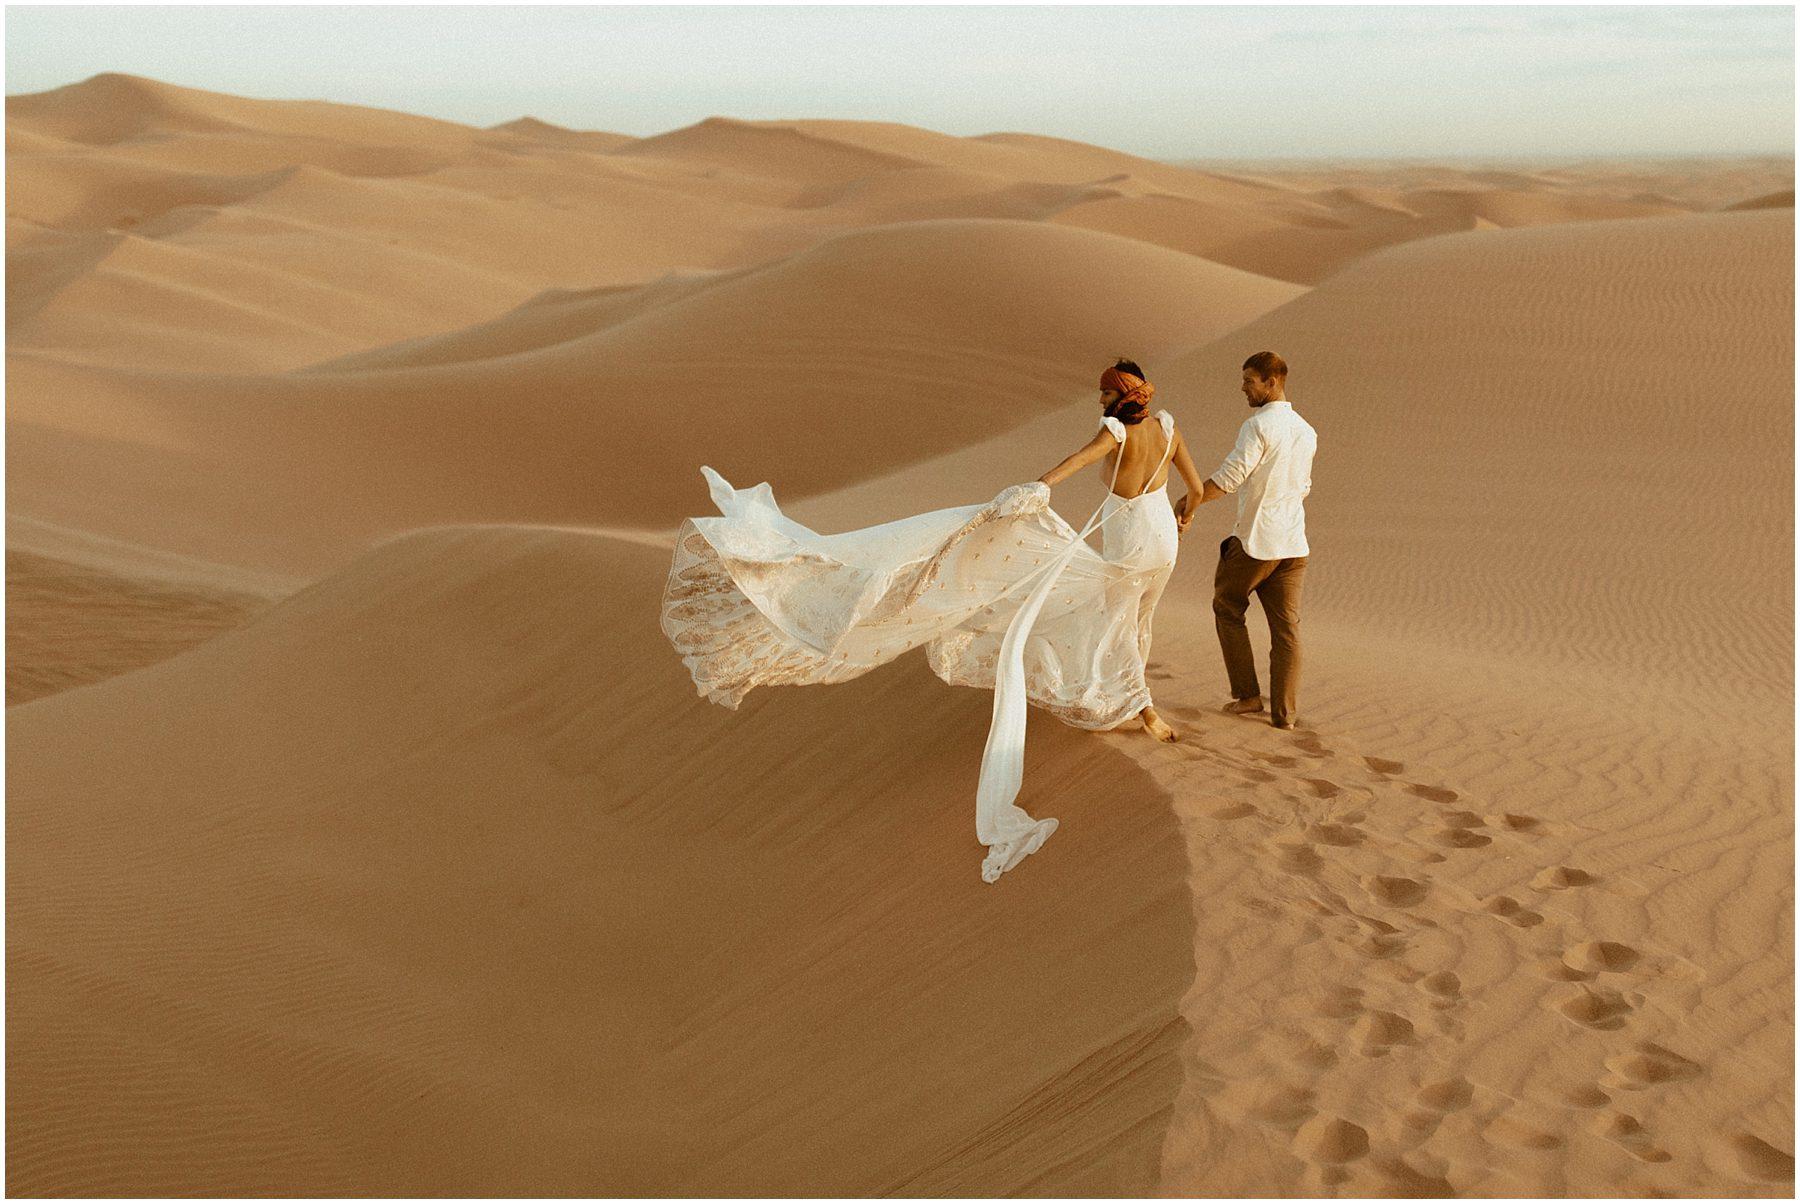 fotografía de viaje en pareja